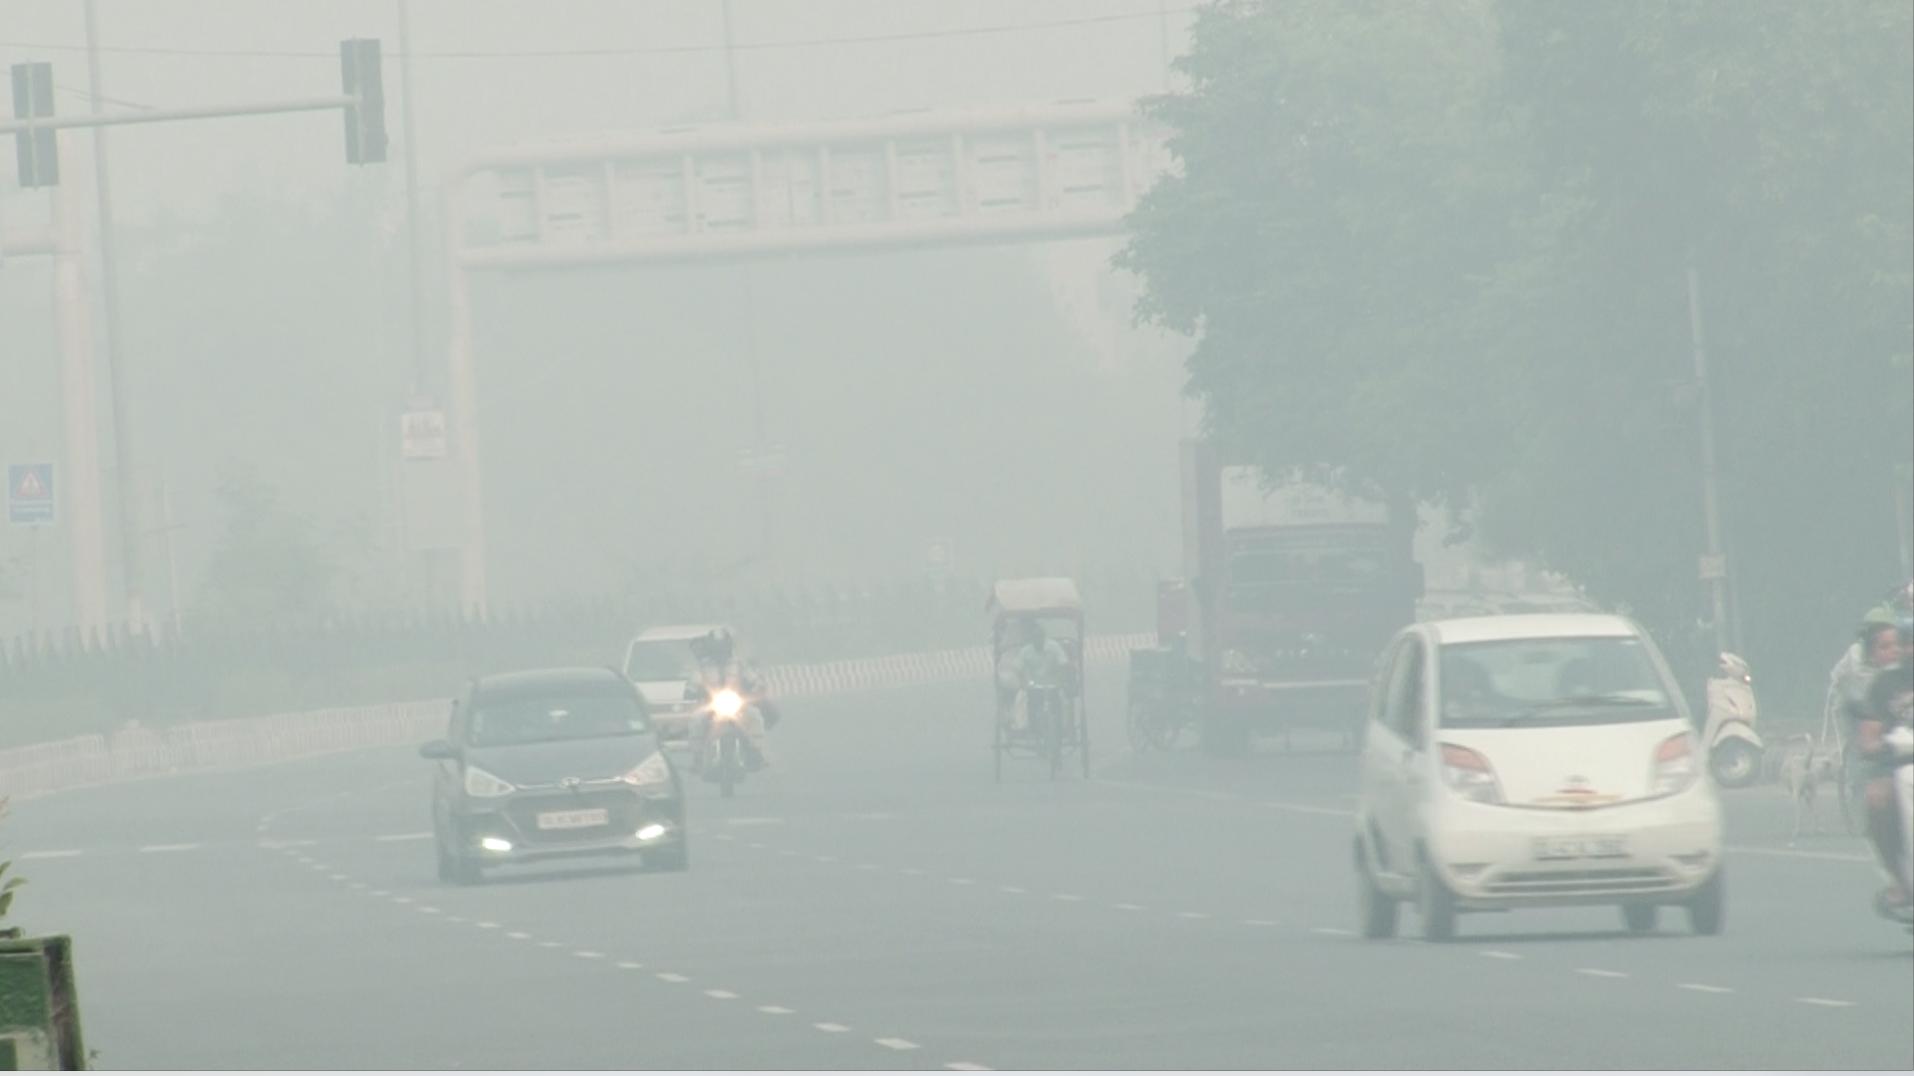 बैन के बावजूद दिल्ली में हुई जमकर आतिशबाजी, दिवाली की रात हुए प्रदूषण ने अगली सुबह दिखाना अपना असर,  24 गुना तक बढ़ा प्रदूषण ।